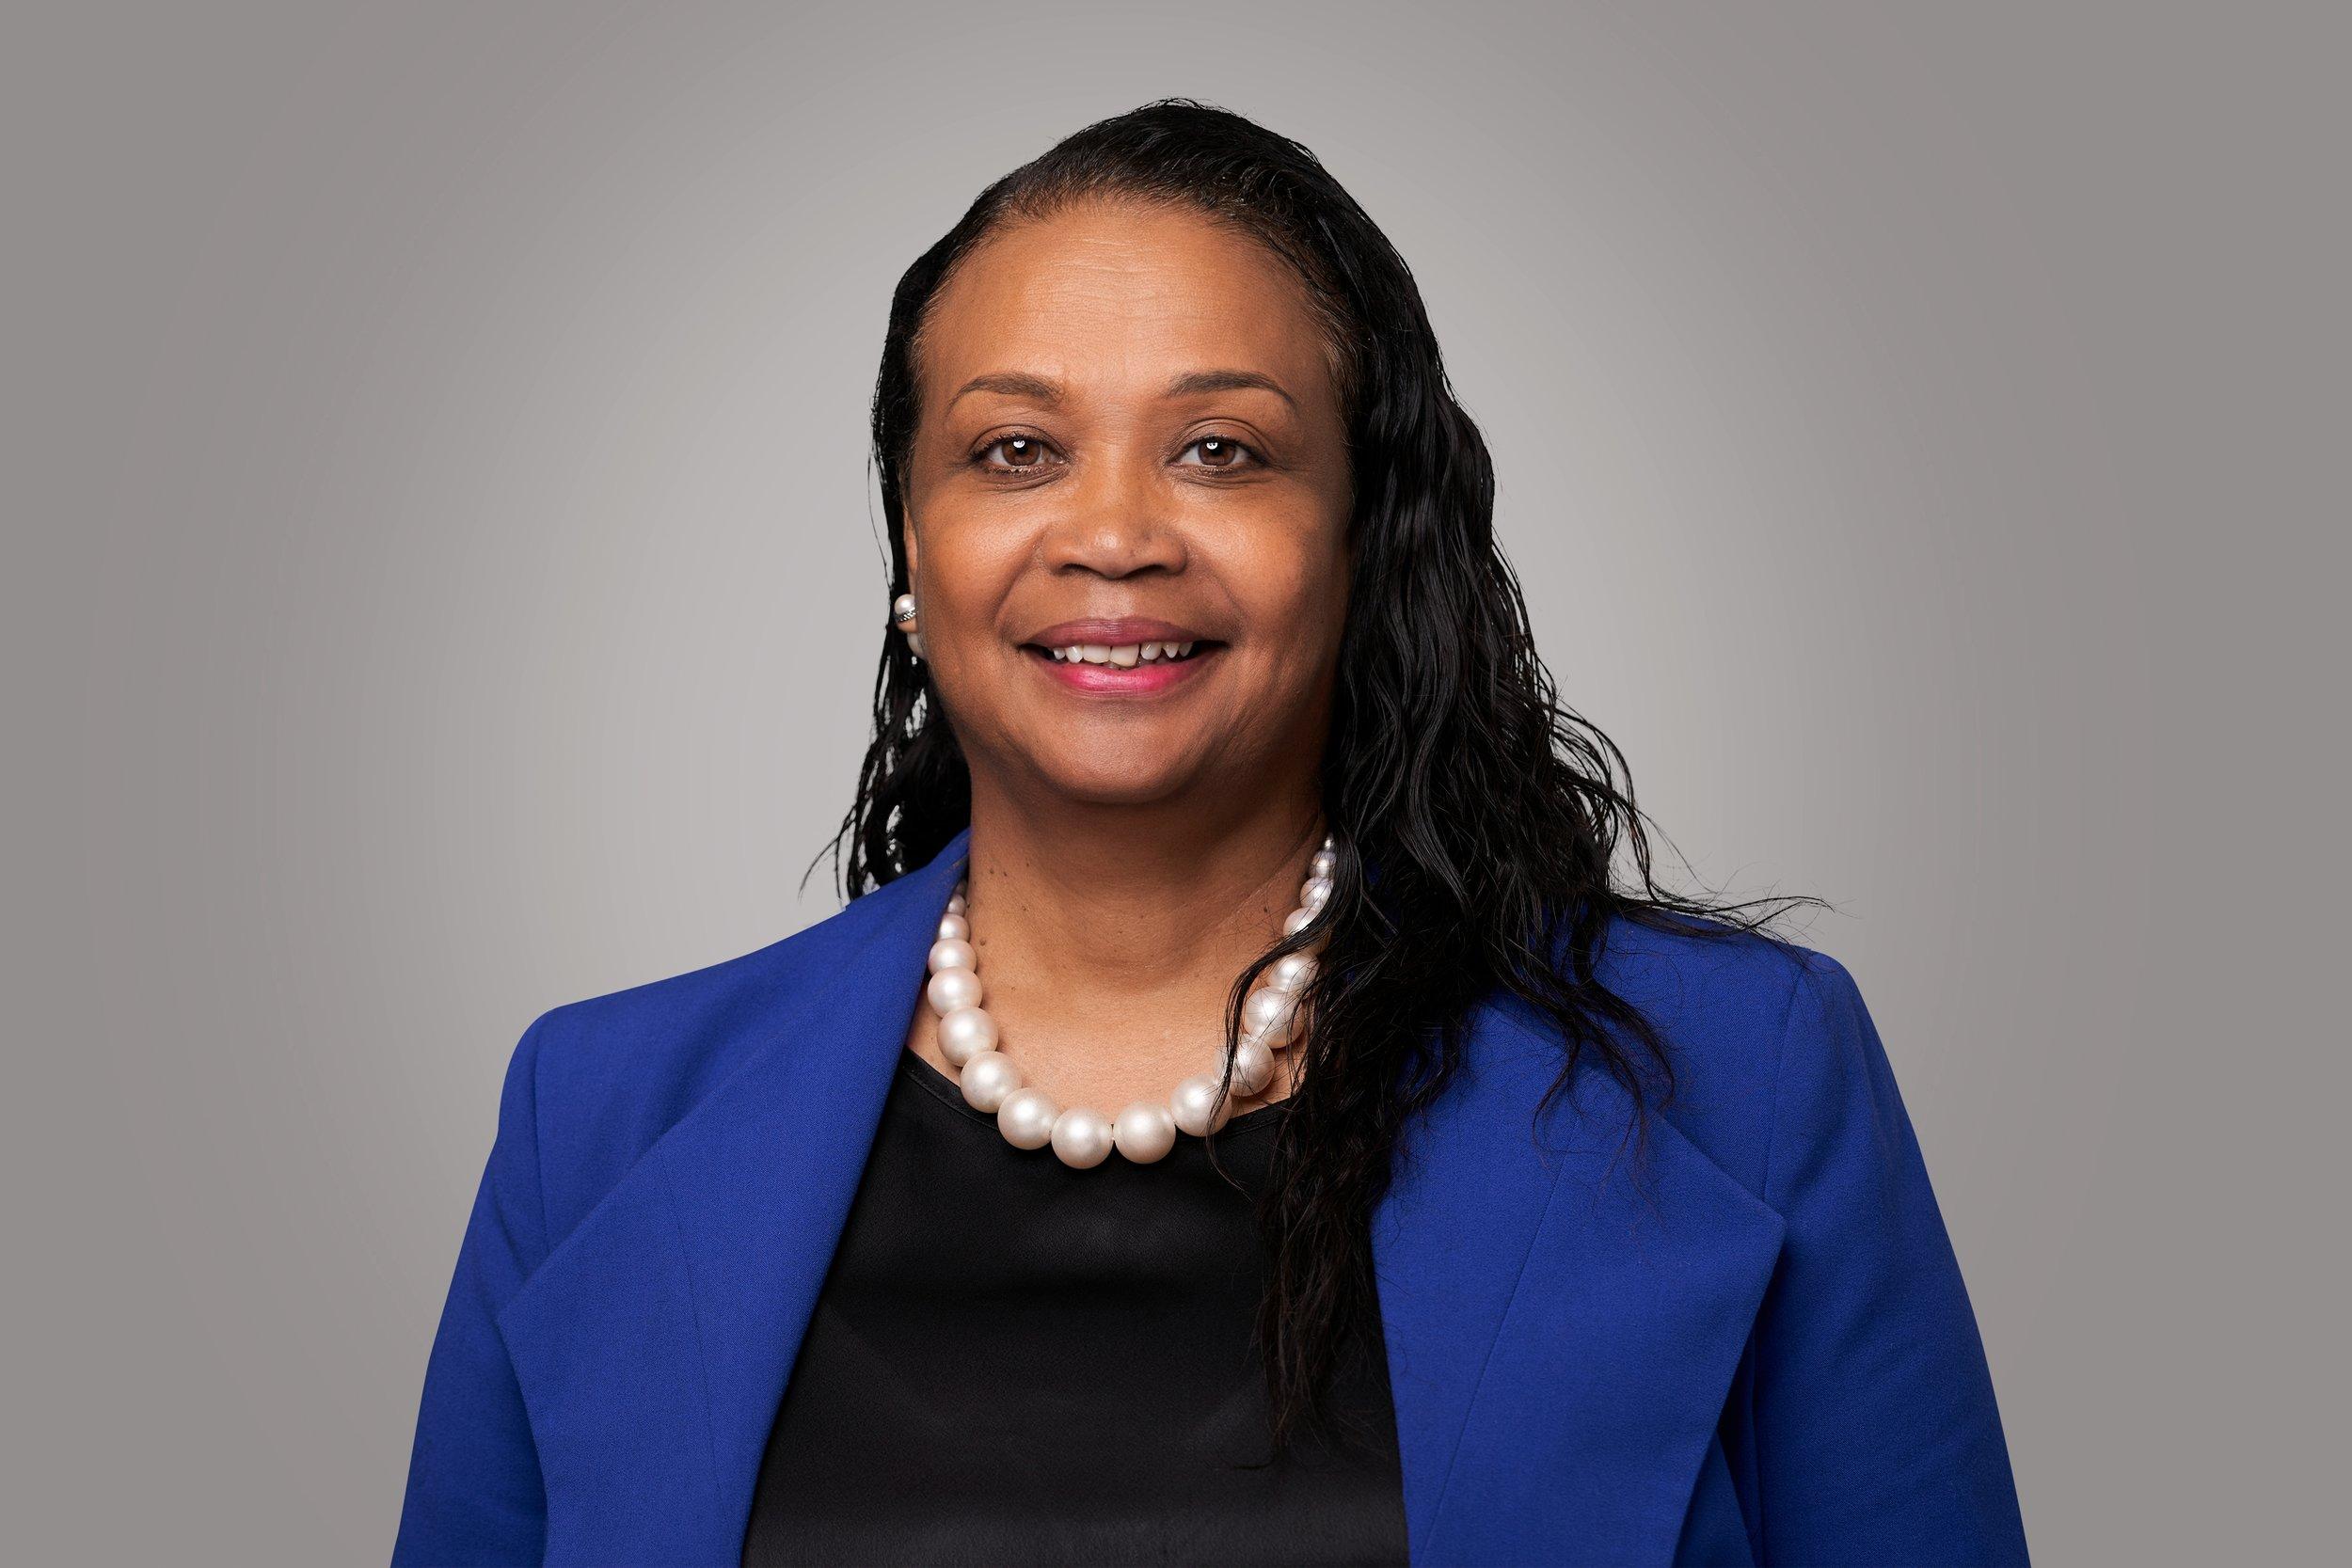 Verona McGuire-Powers (Human Resources Director)